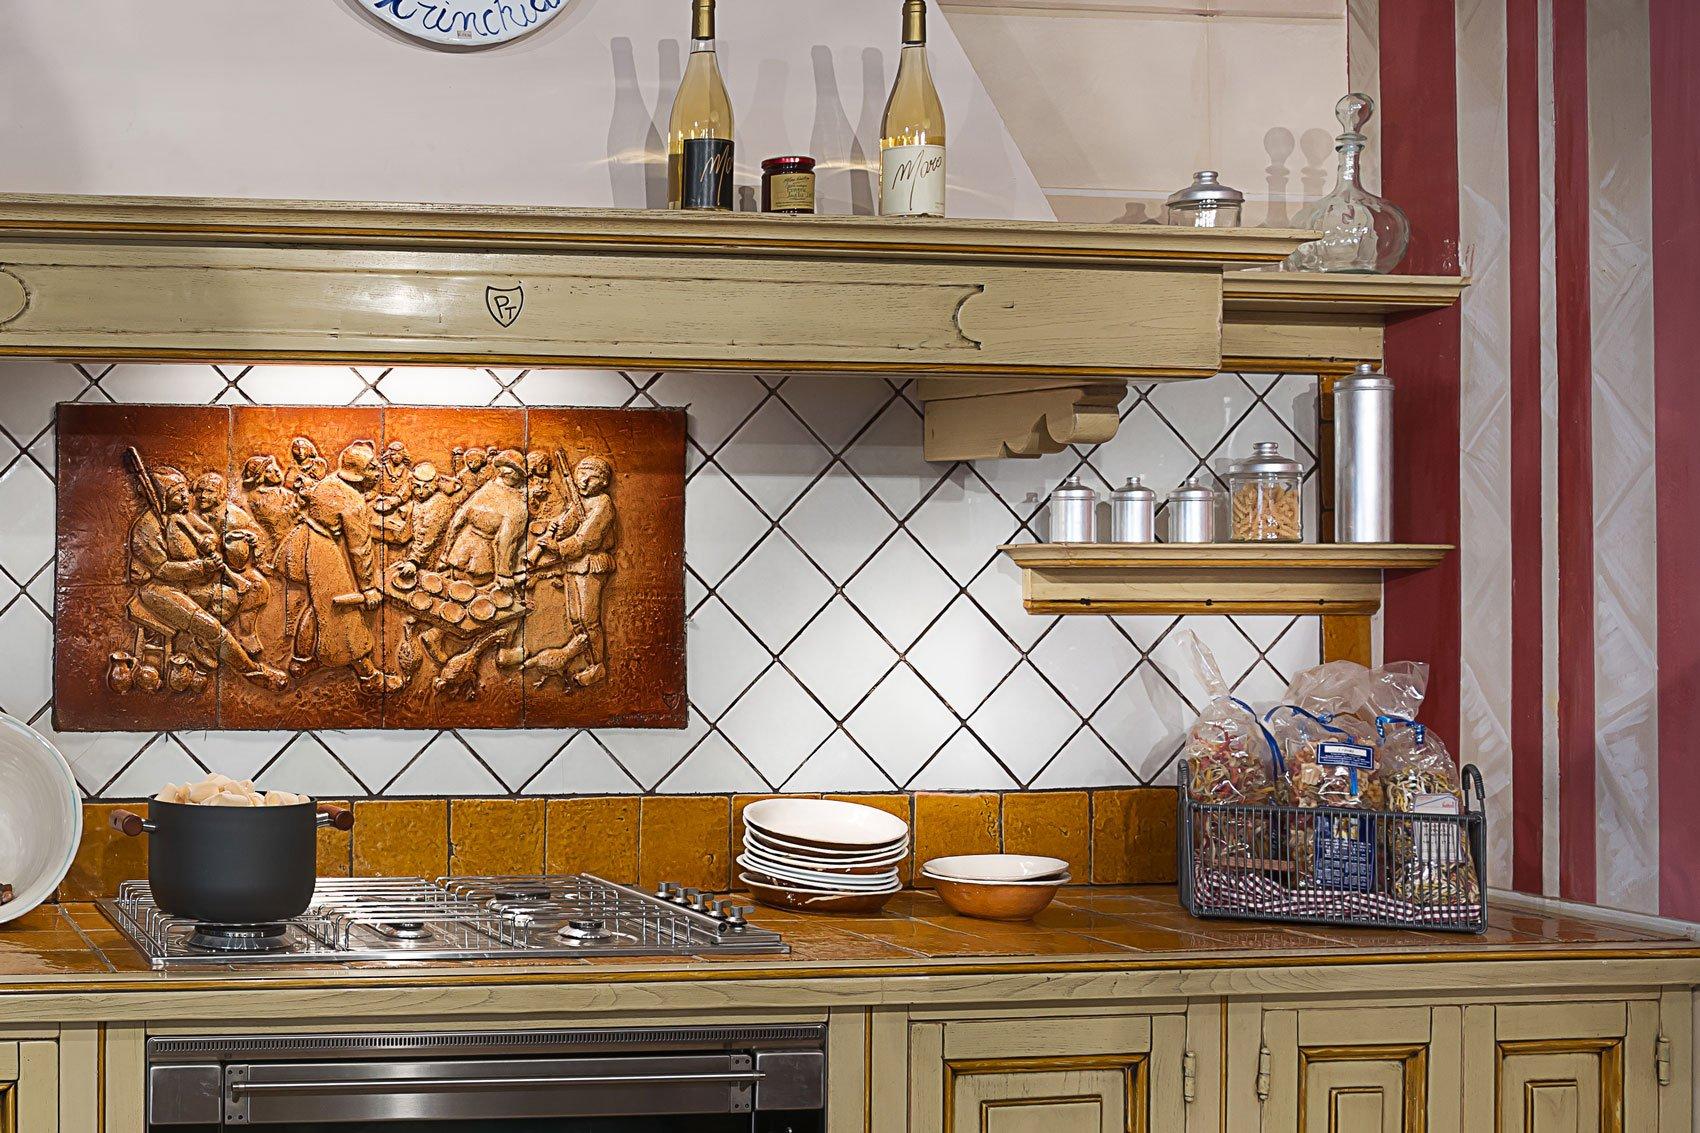 Scegliere le piastrelle per le pareti della cucina - Cose di Casa